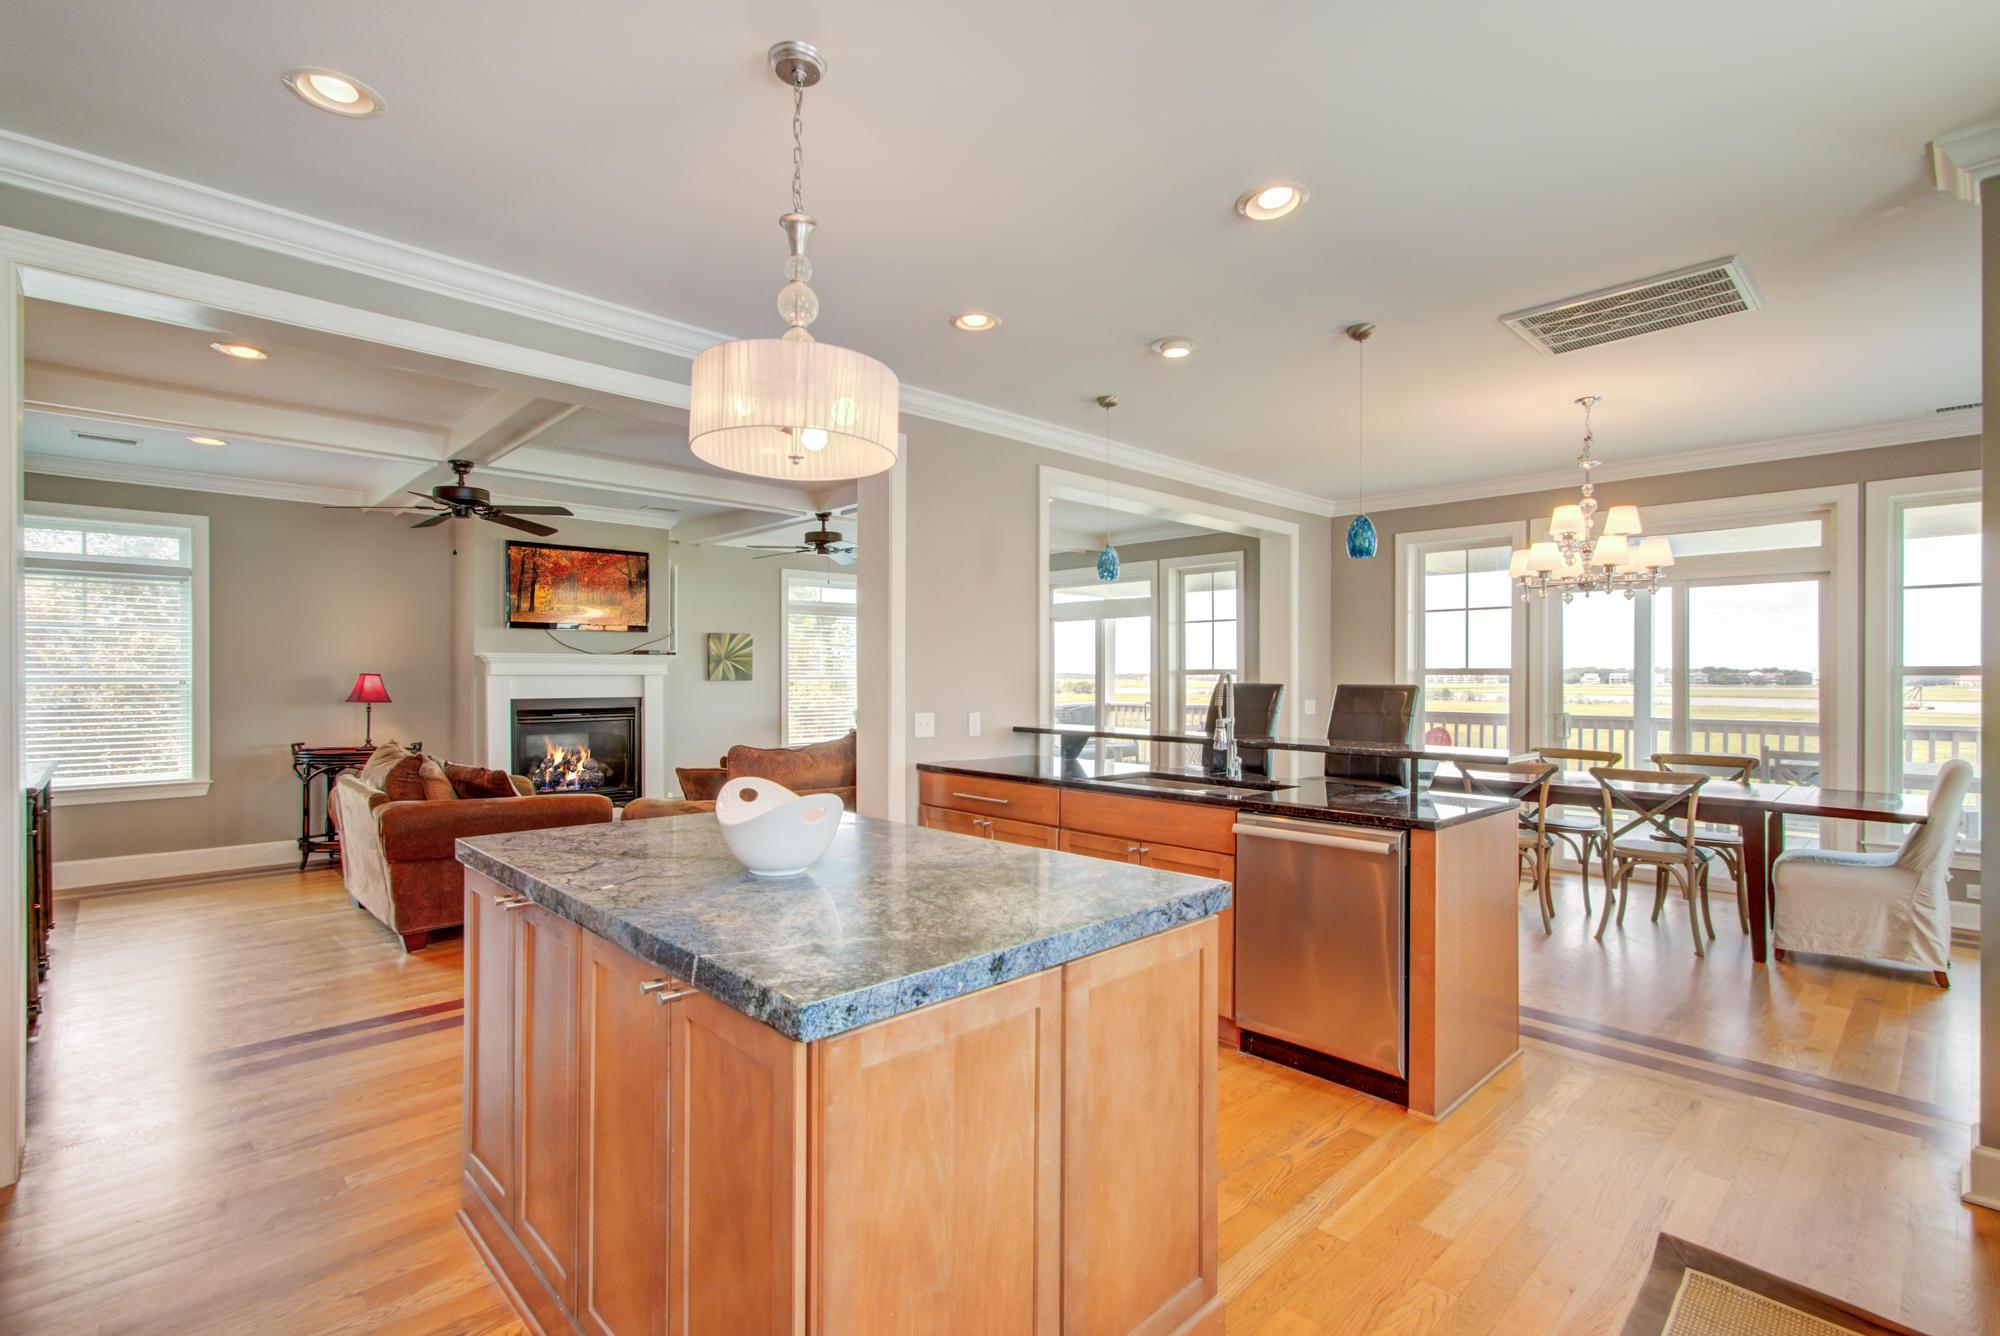 Folly Beach Homes For Sale - 616 Erie, Folly Beach, SC - 55